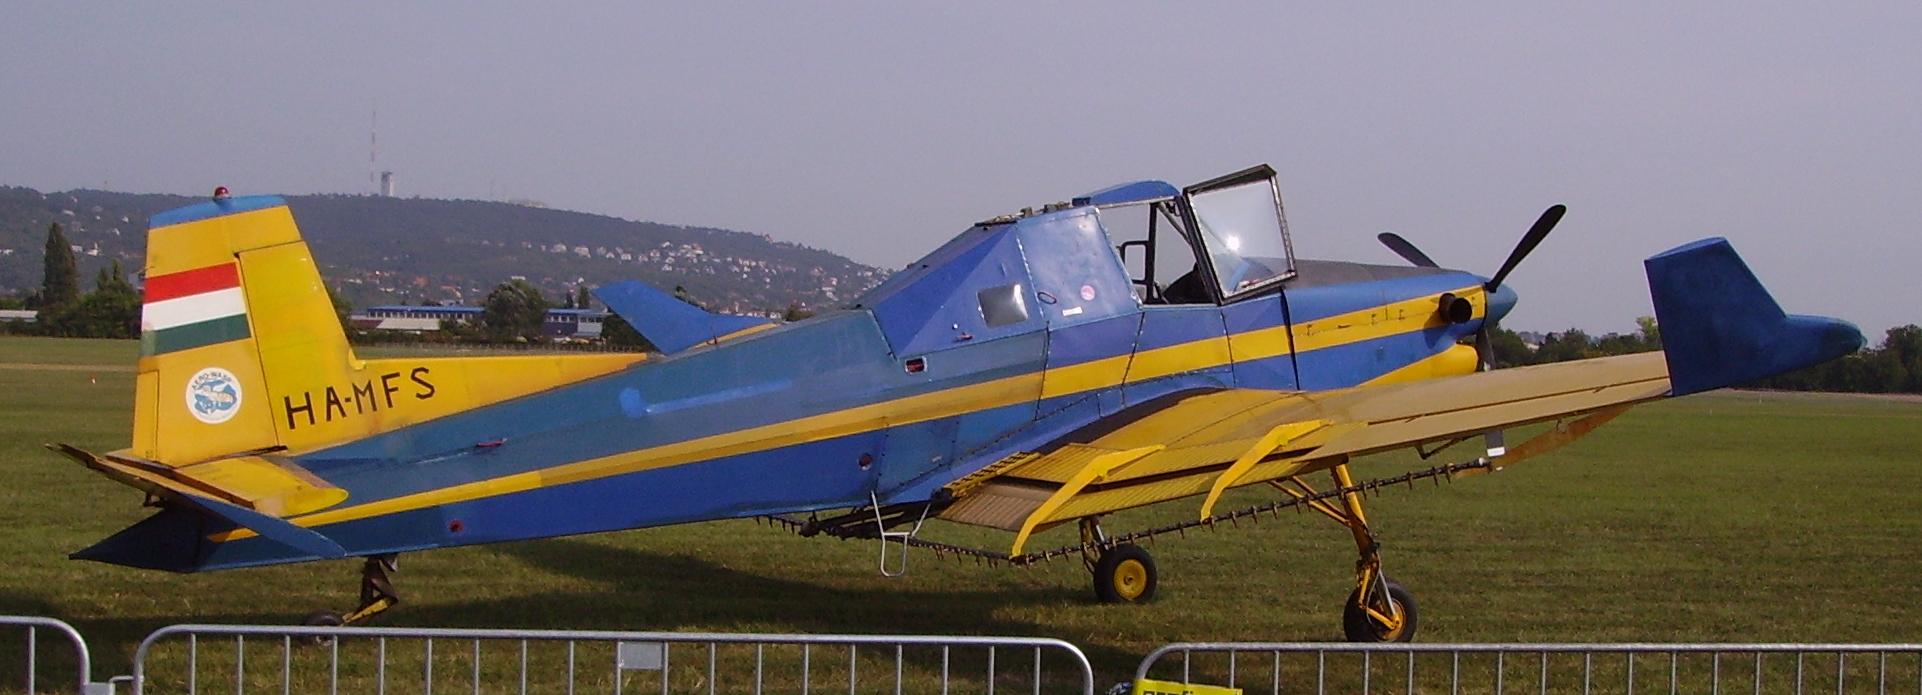 HA-MFS-1